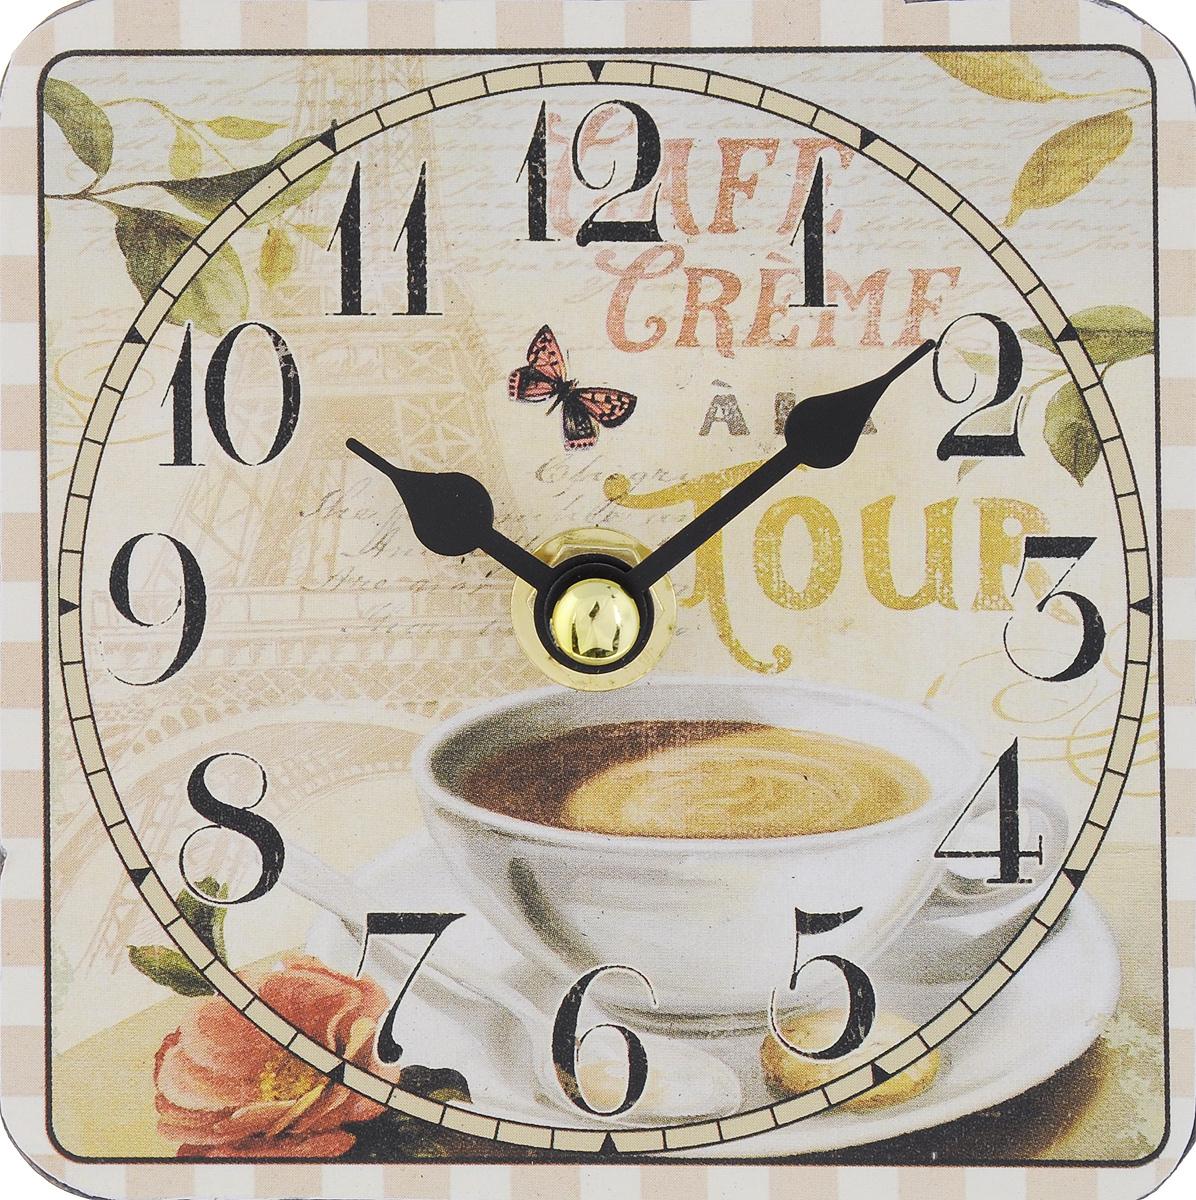 Часы настольные Феникс-Презент Чашка кофе, 10 х 10 см40728Настольные часы квадратной формы Феникс-Презент Чашка кофе своим эксклюзивным дизайном подчеркнут оригинальность интерьера вашего дома.Циферблат оформлен изображением чашки с кофе.Часы выполнены из МДФ. МДФ (мелкодисперсные фракции) представляет собой плиту из запрессованной вакуумным способом деревянной пыли и является наиболее экологически чистым материалом среди себе подобных.Часы имеют две стрелки - часовую и минутную. Настольные часы Феникс-Презент Чашка кофе подходят для кухни, гостиной, прихожей или дачи, а также могут стать отличным подарком для друзей и близких. ВНИМАНИЕ!!! Часы работают от сменной батареи типа АА 1,5V (в комплект не входит).